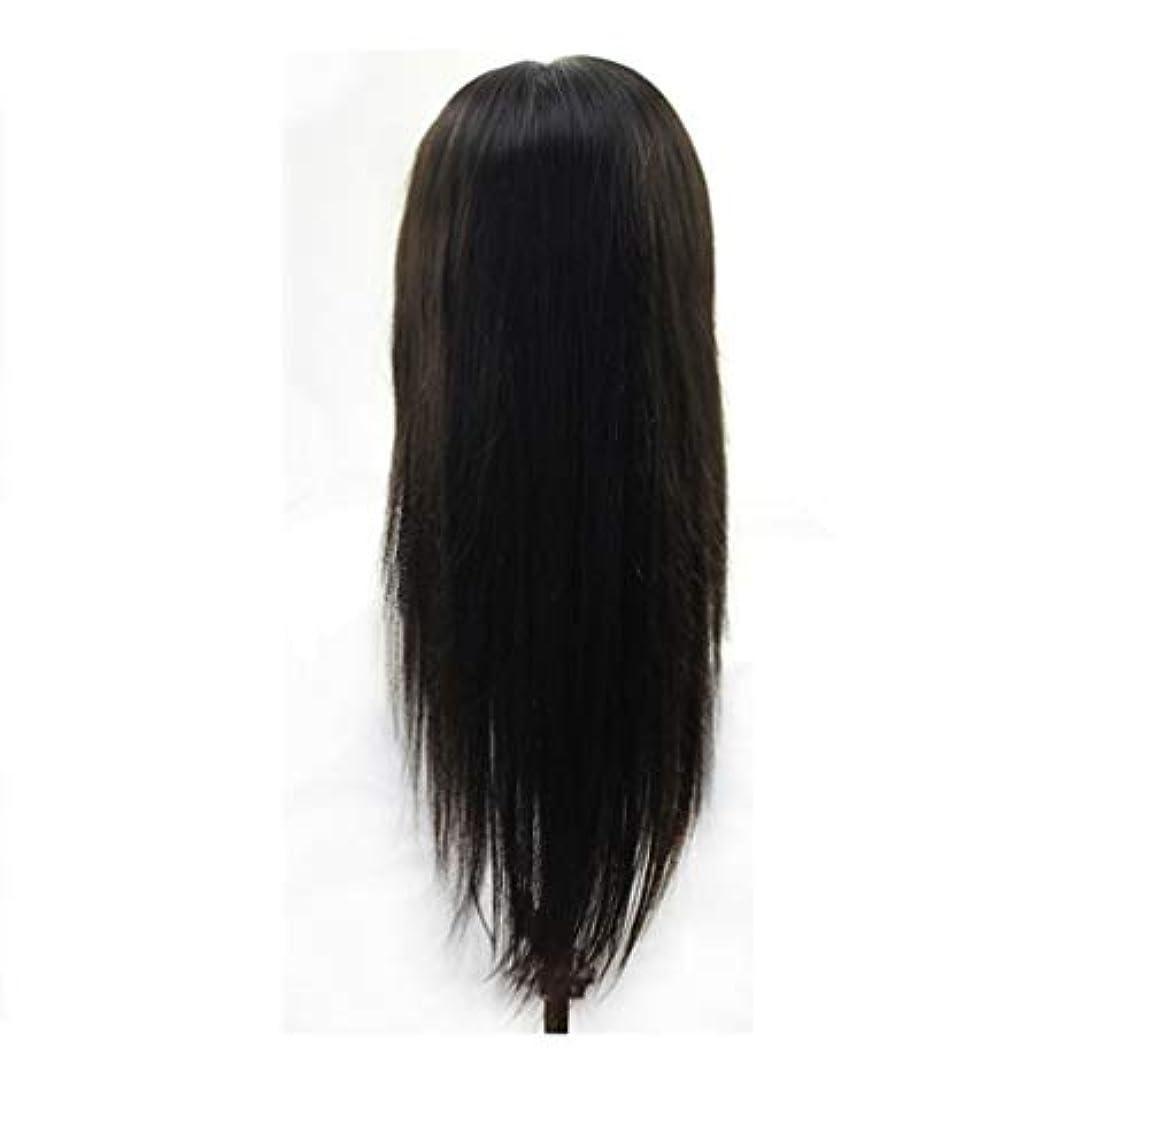 感謝祭こどもセンター引き受ける女性13 * 6レースフロントウィッグブラジルバージンストレート人間の髪グルーレス長い人間の髪かつらで赤ちゃん髪短いレースかつら調節可能なストラップ